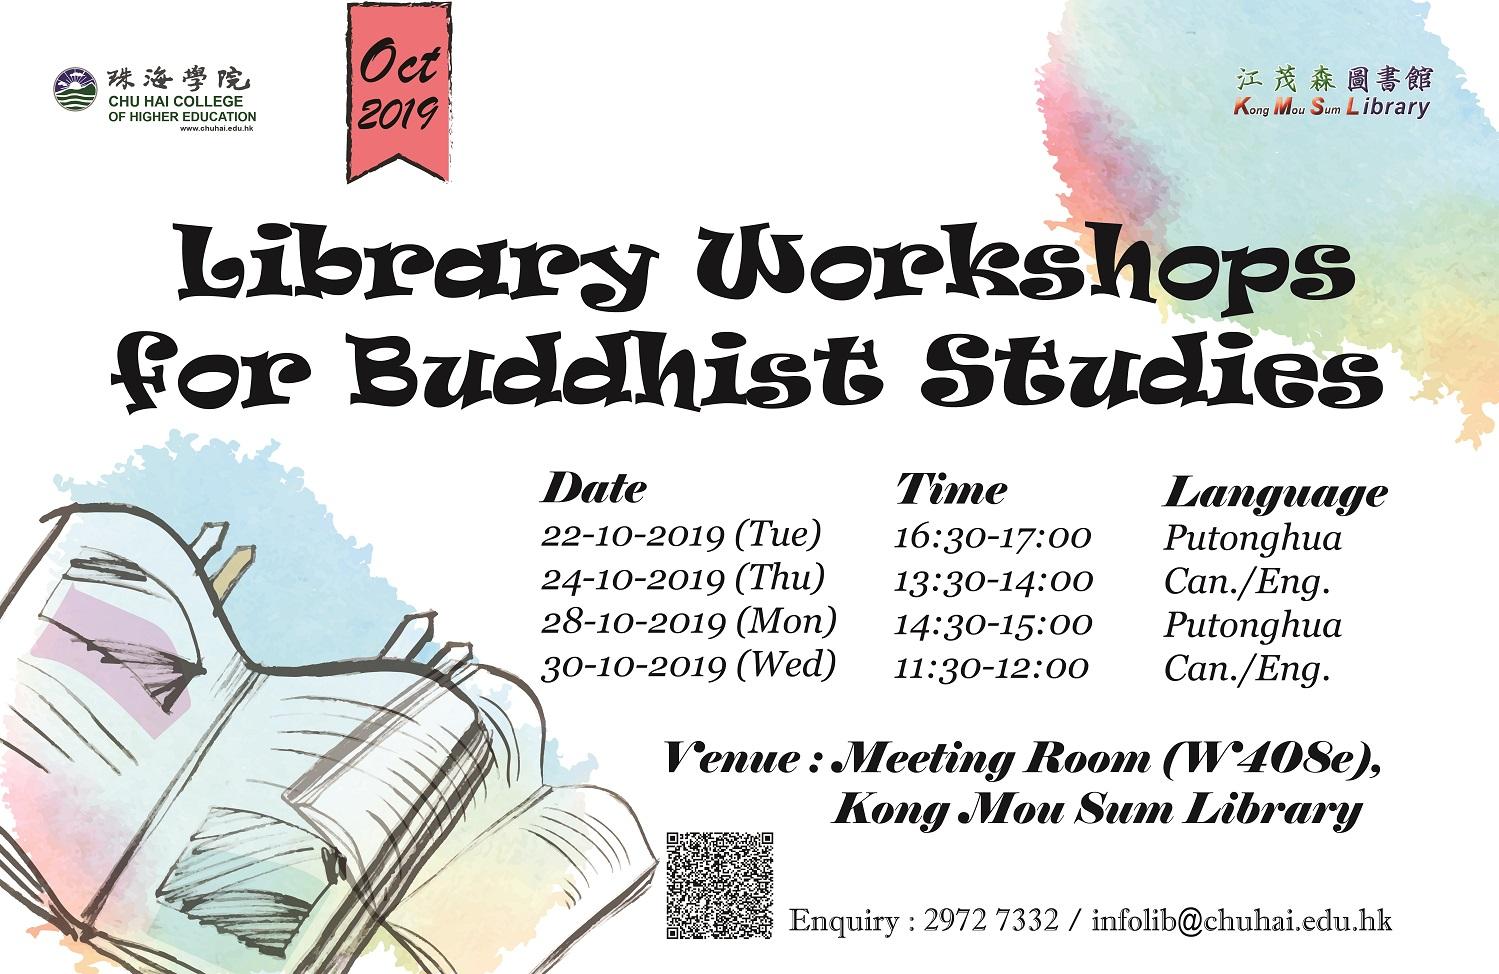 Buddhist Studies Workshop